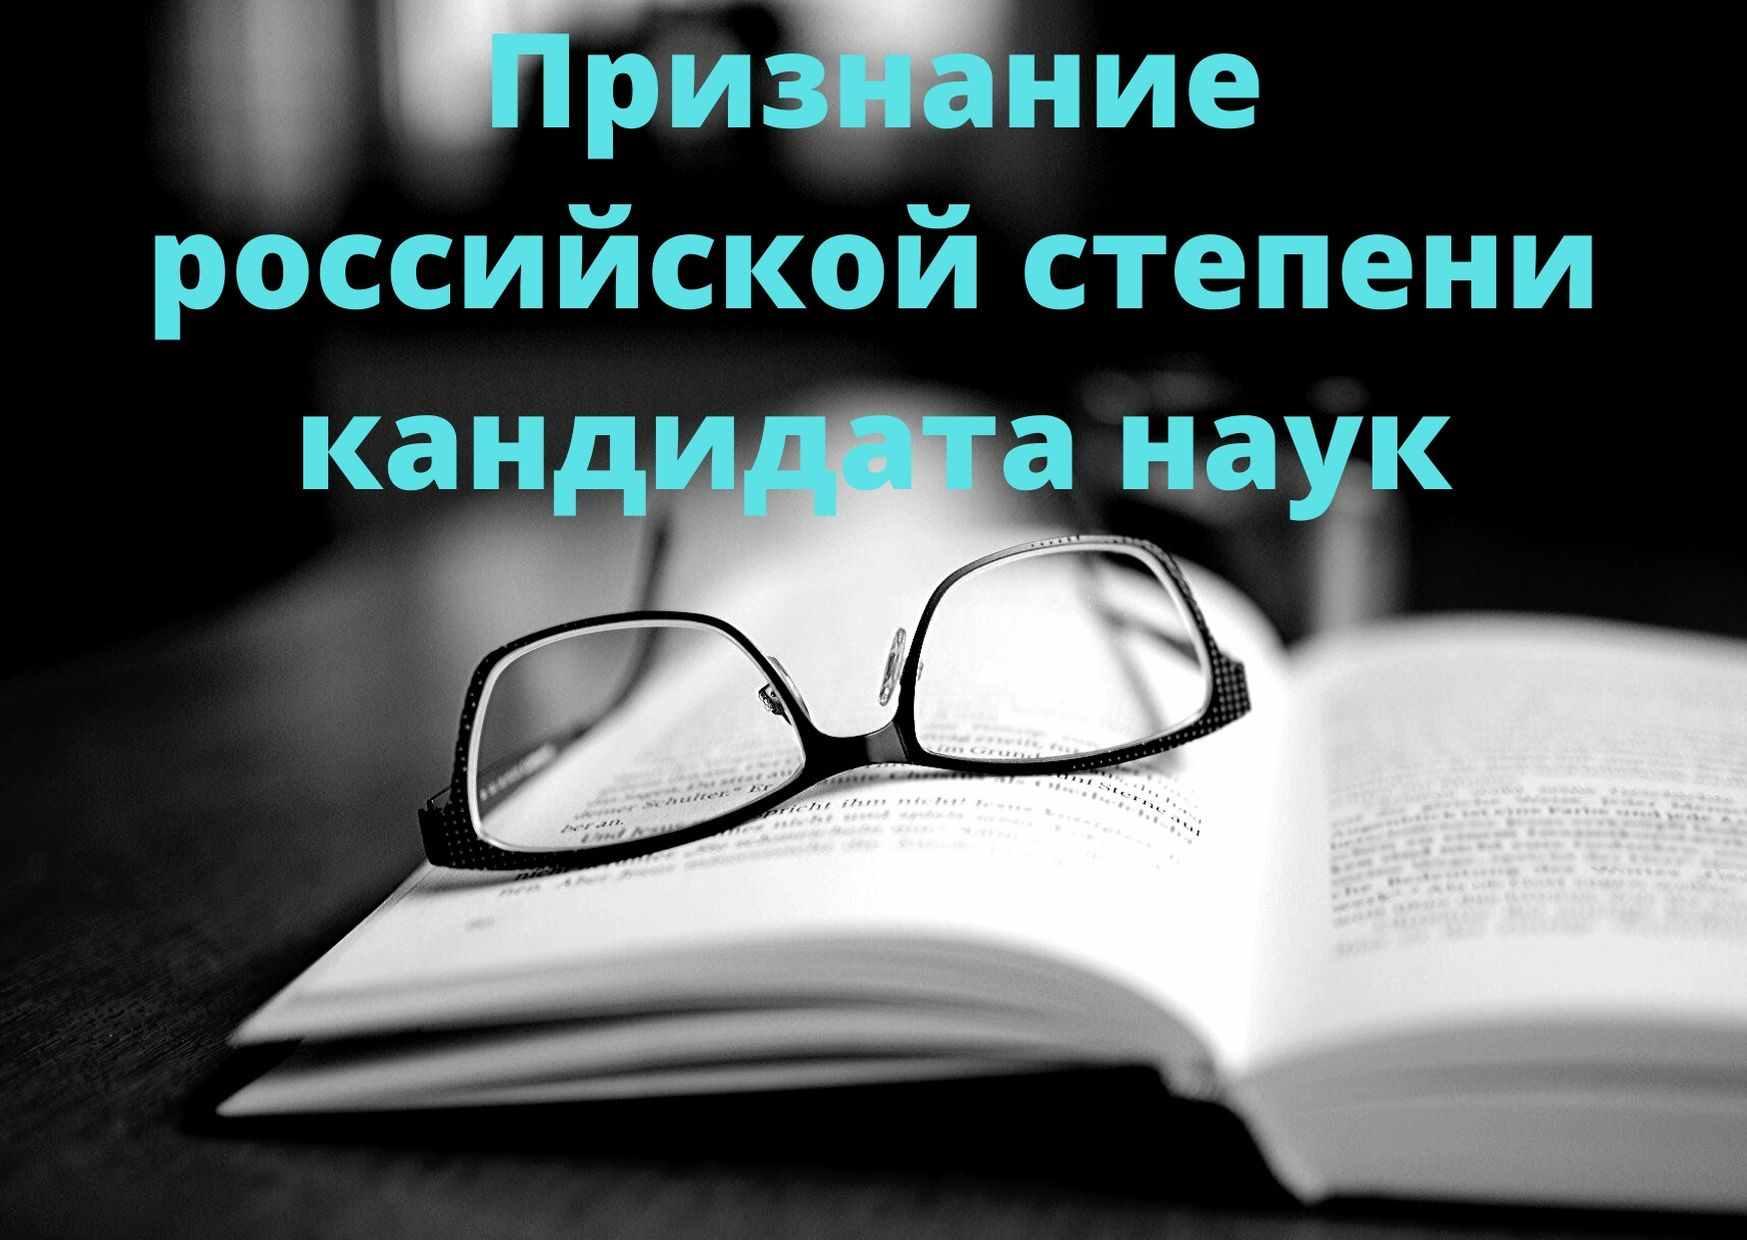 Признание российской степени кандидата наук